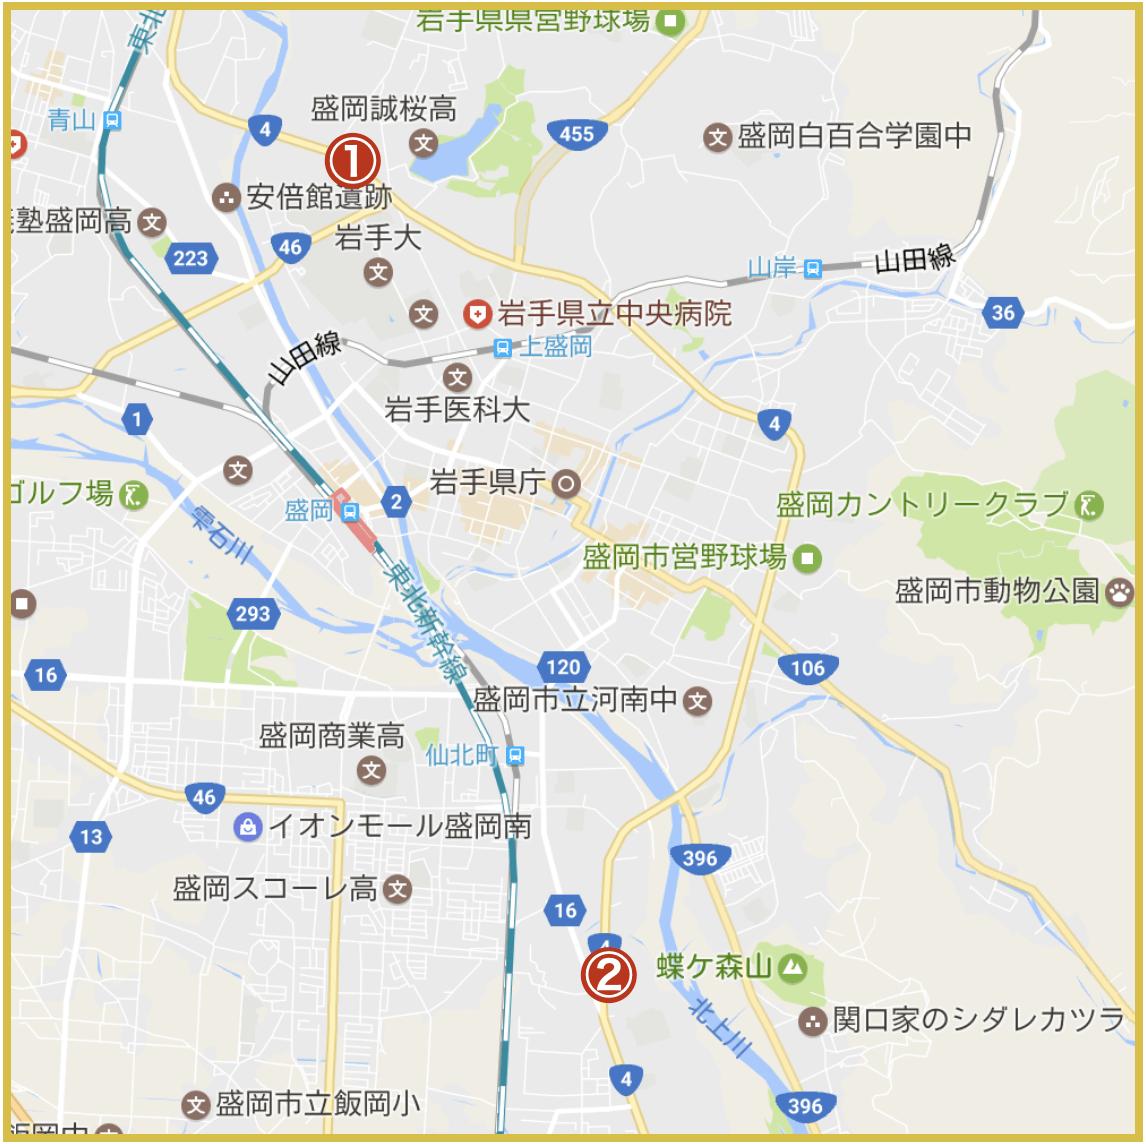 盛岡市にあるアイフル店舗・ATMの位置(2020年版)